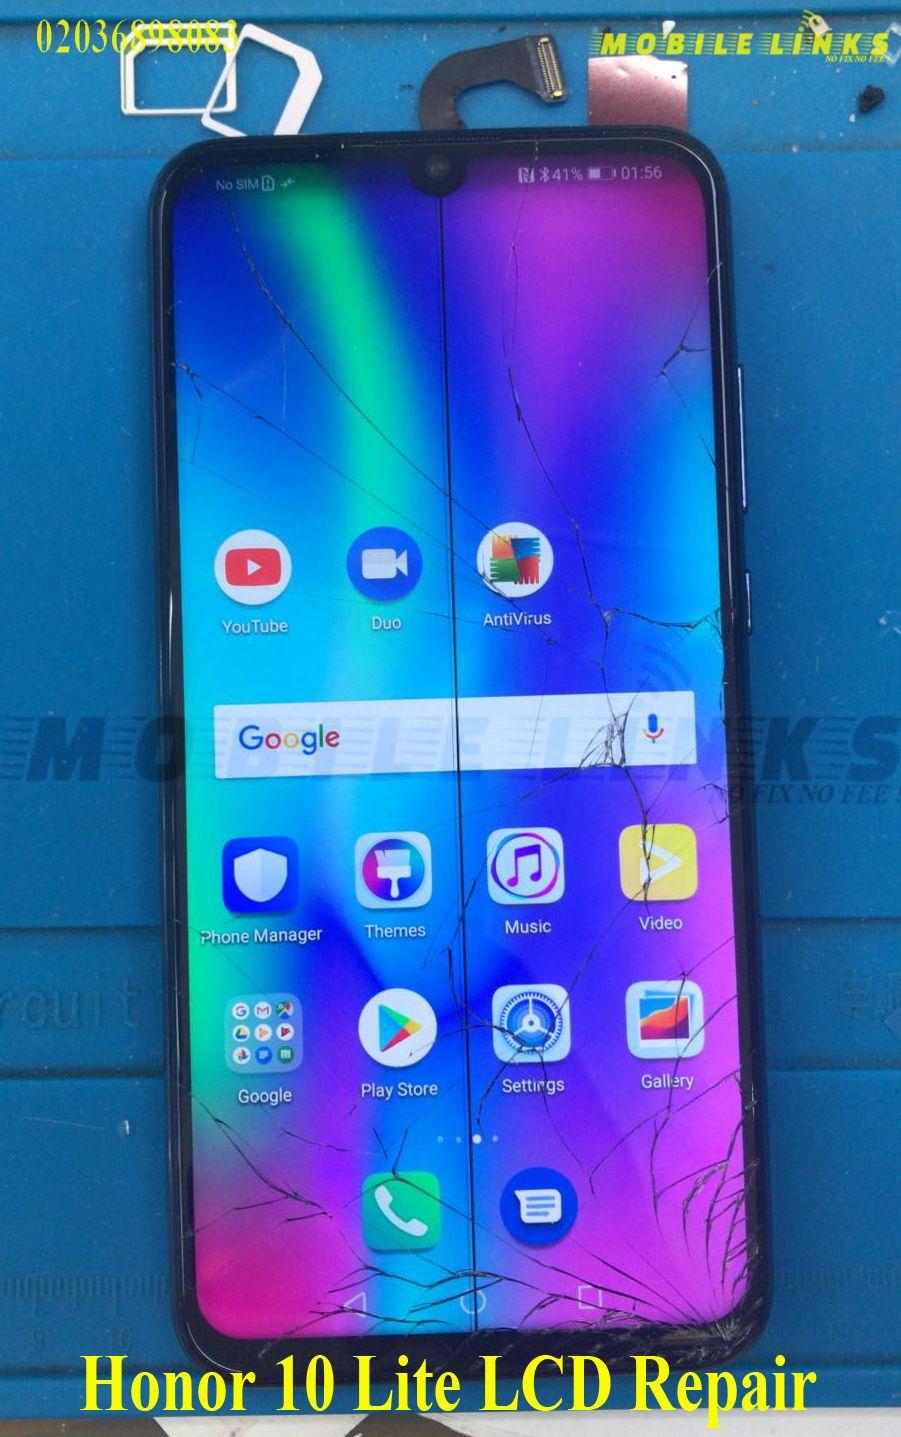 Huawei Honor 10 Lite Lcd Replacement Repair At Mobile Links E13 Huawei Mobile Phone Repair Phone Repair